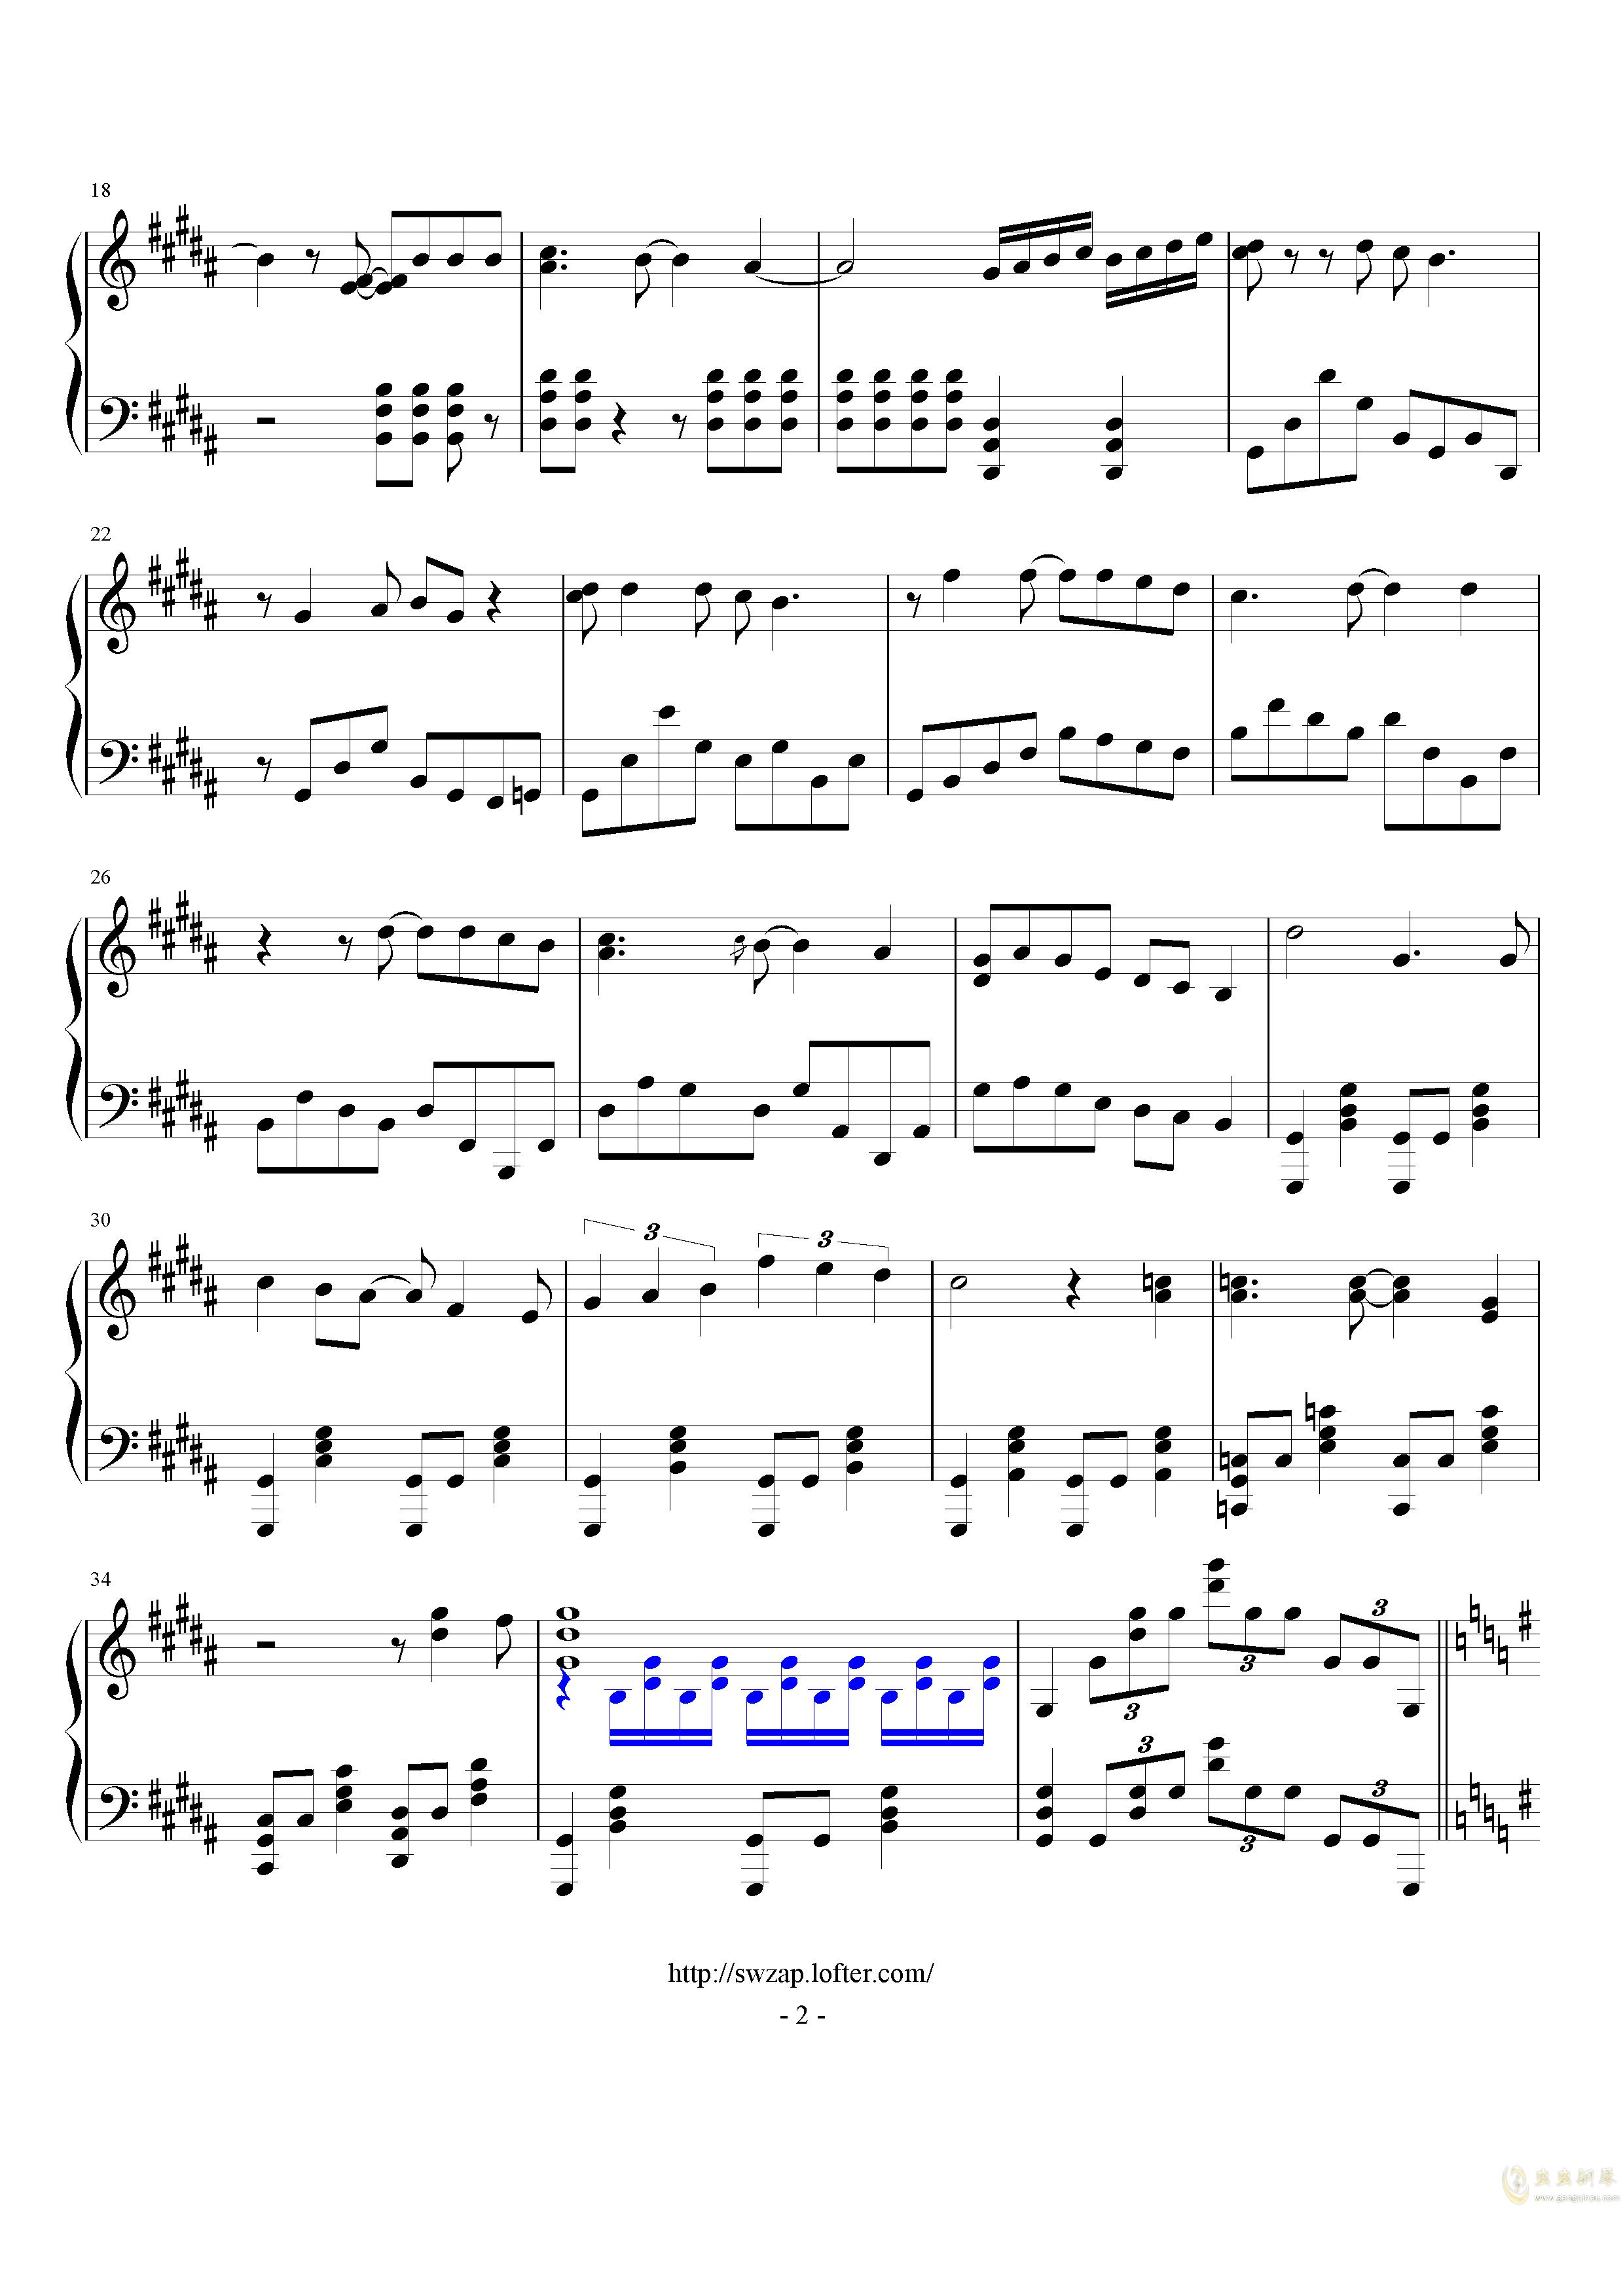 JoJo的奇妙冒险 黄金之风钢琴谱 第2页